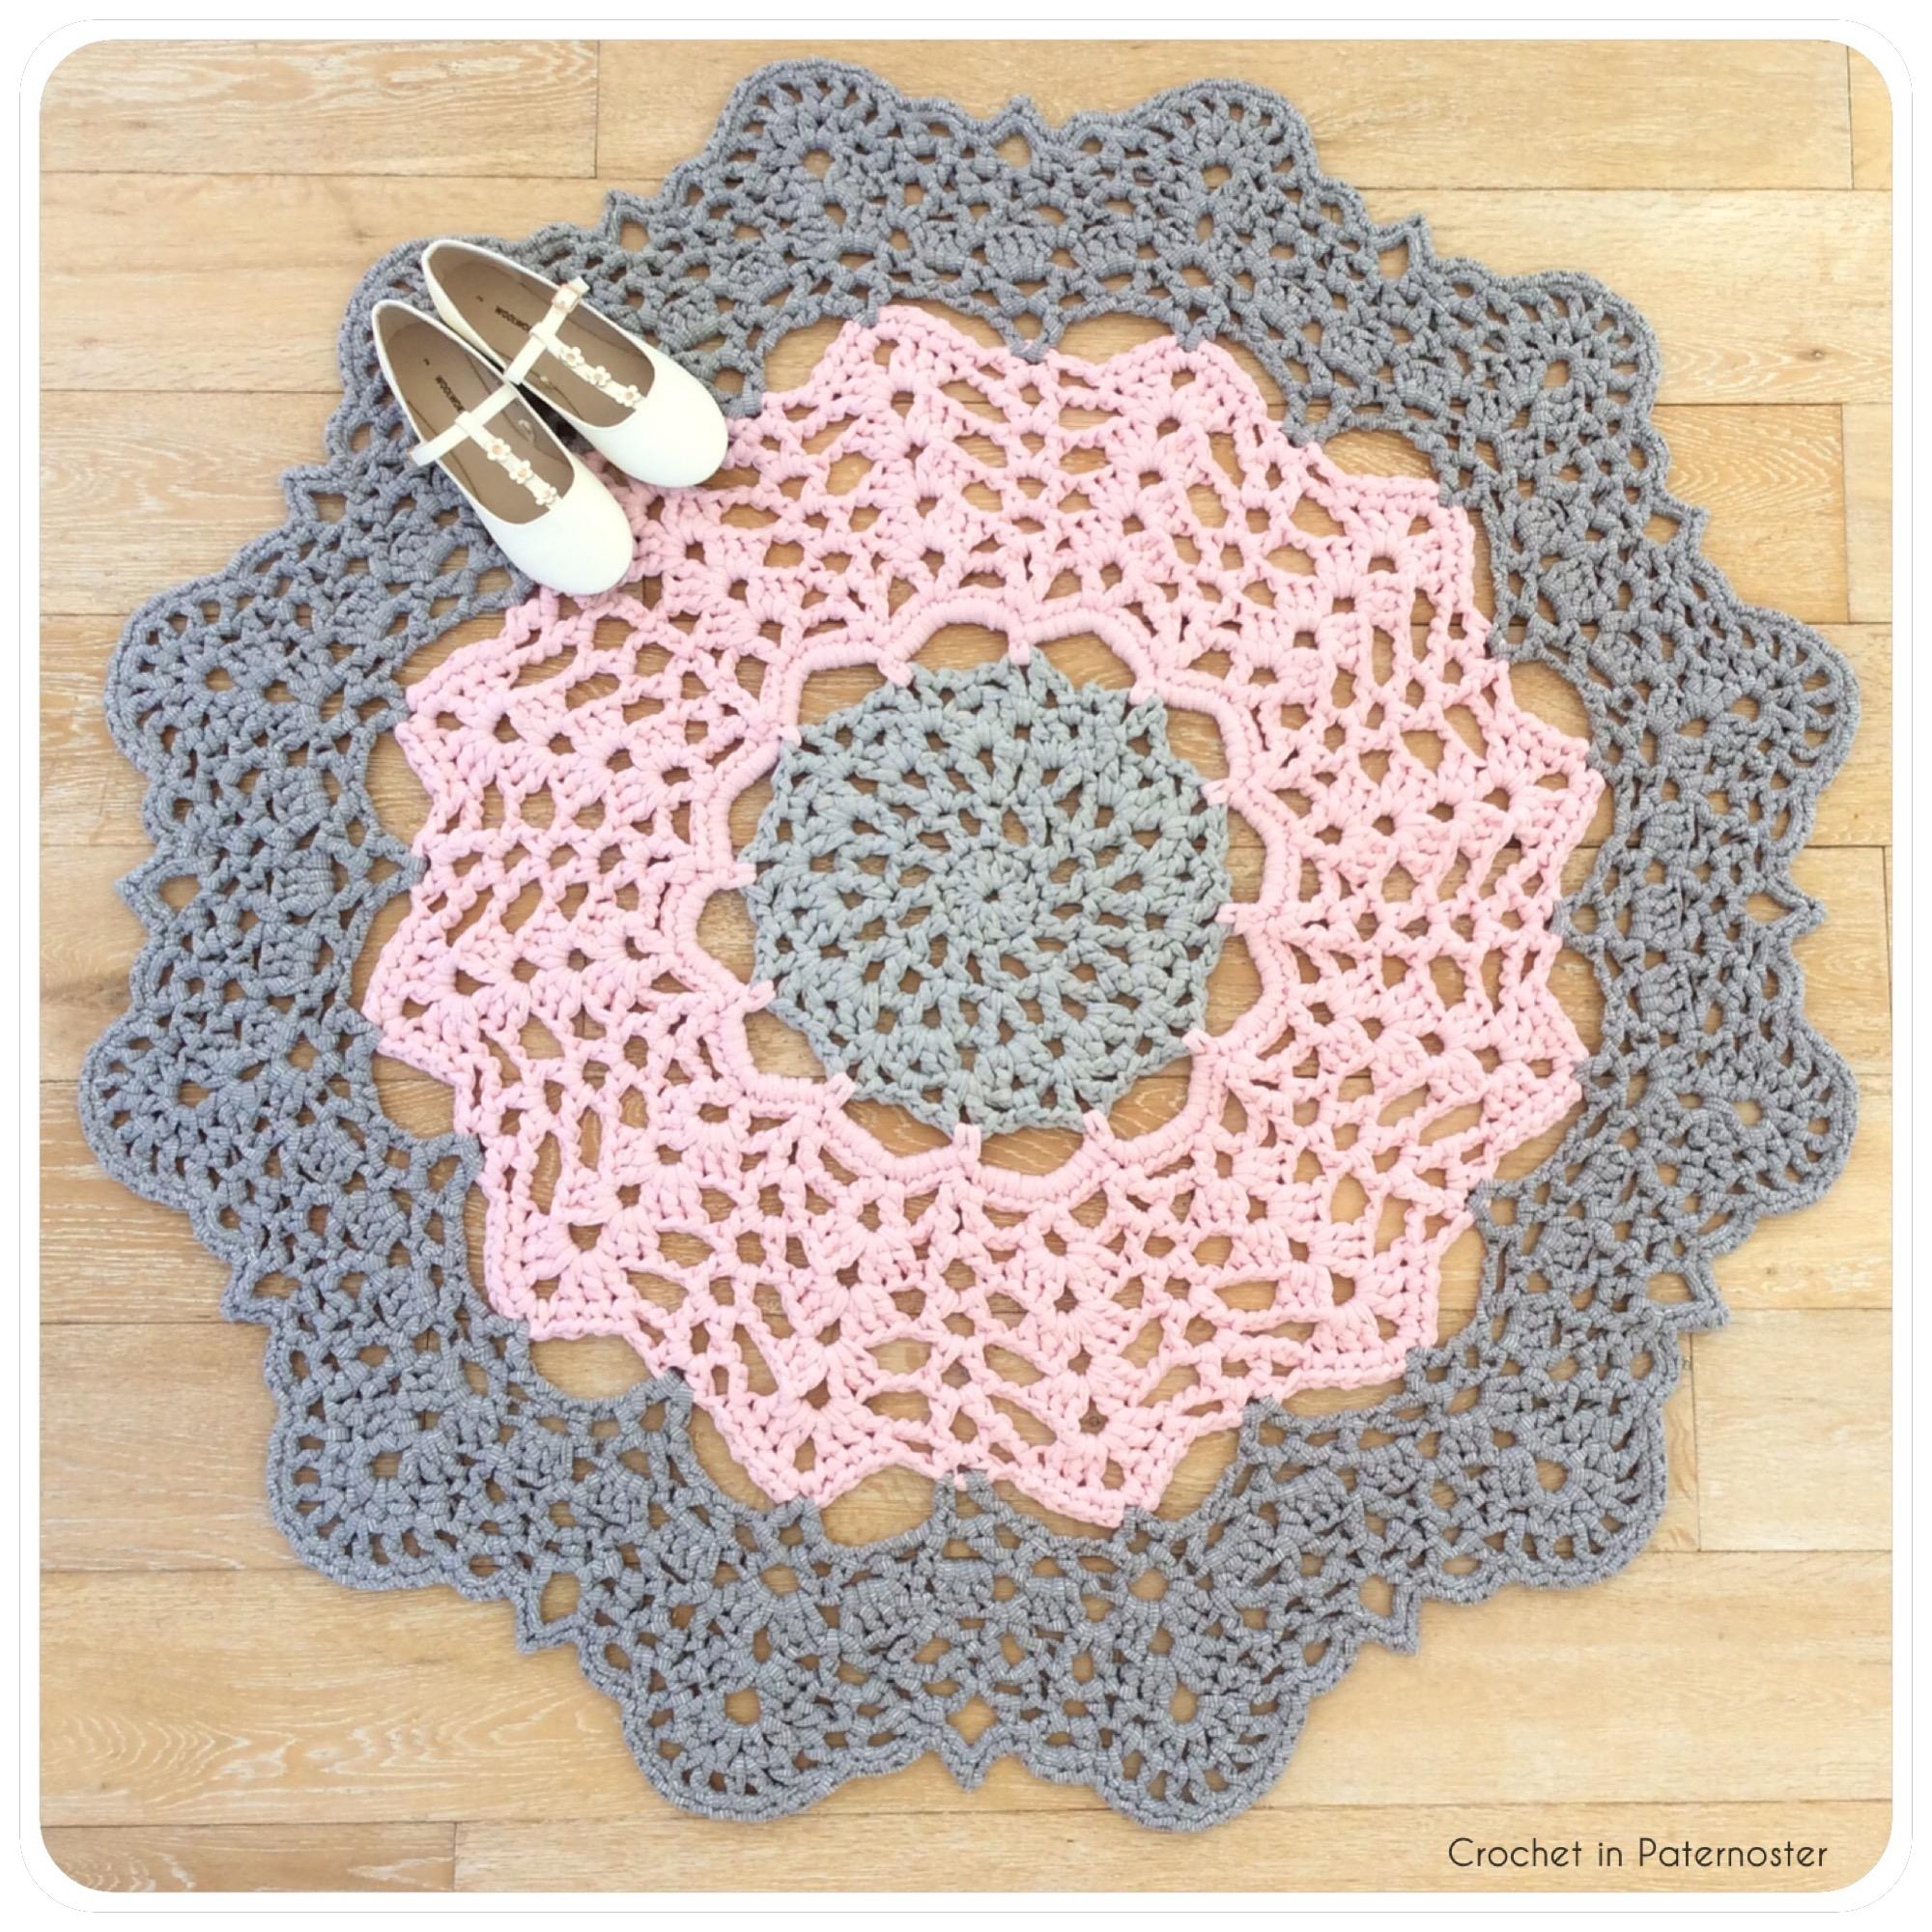 t-shirt rug – Crochet in Paternoster